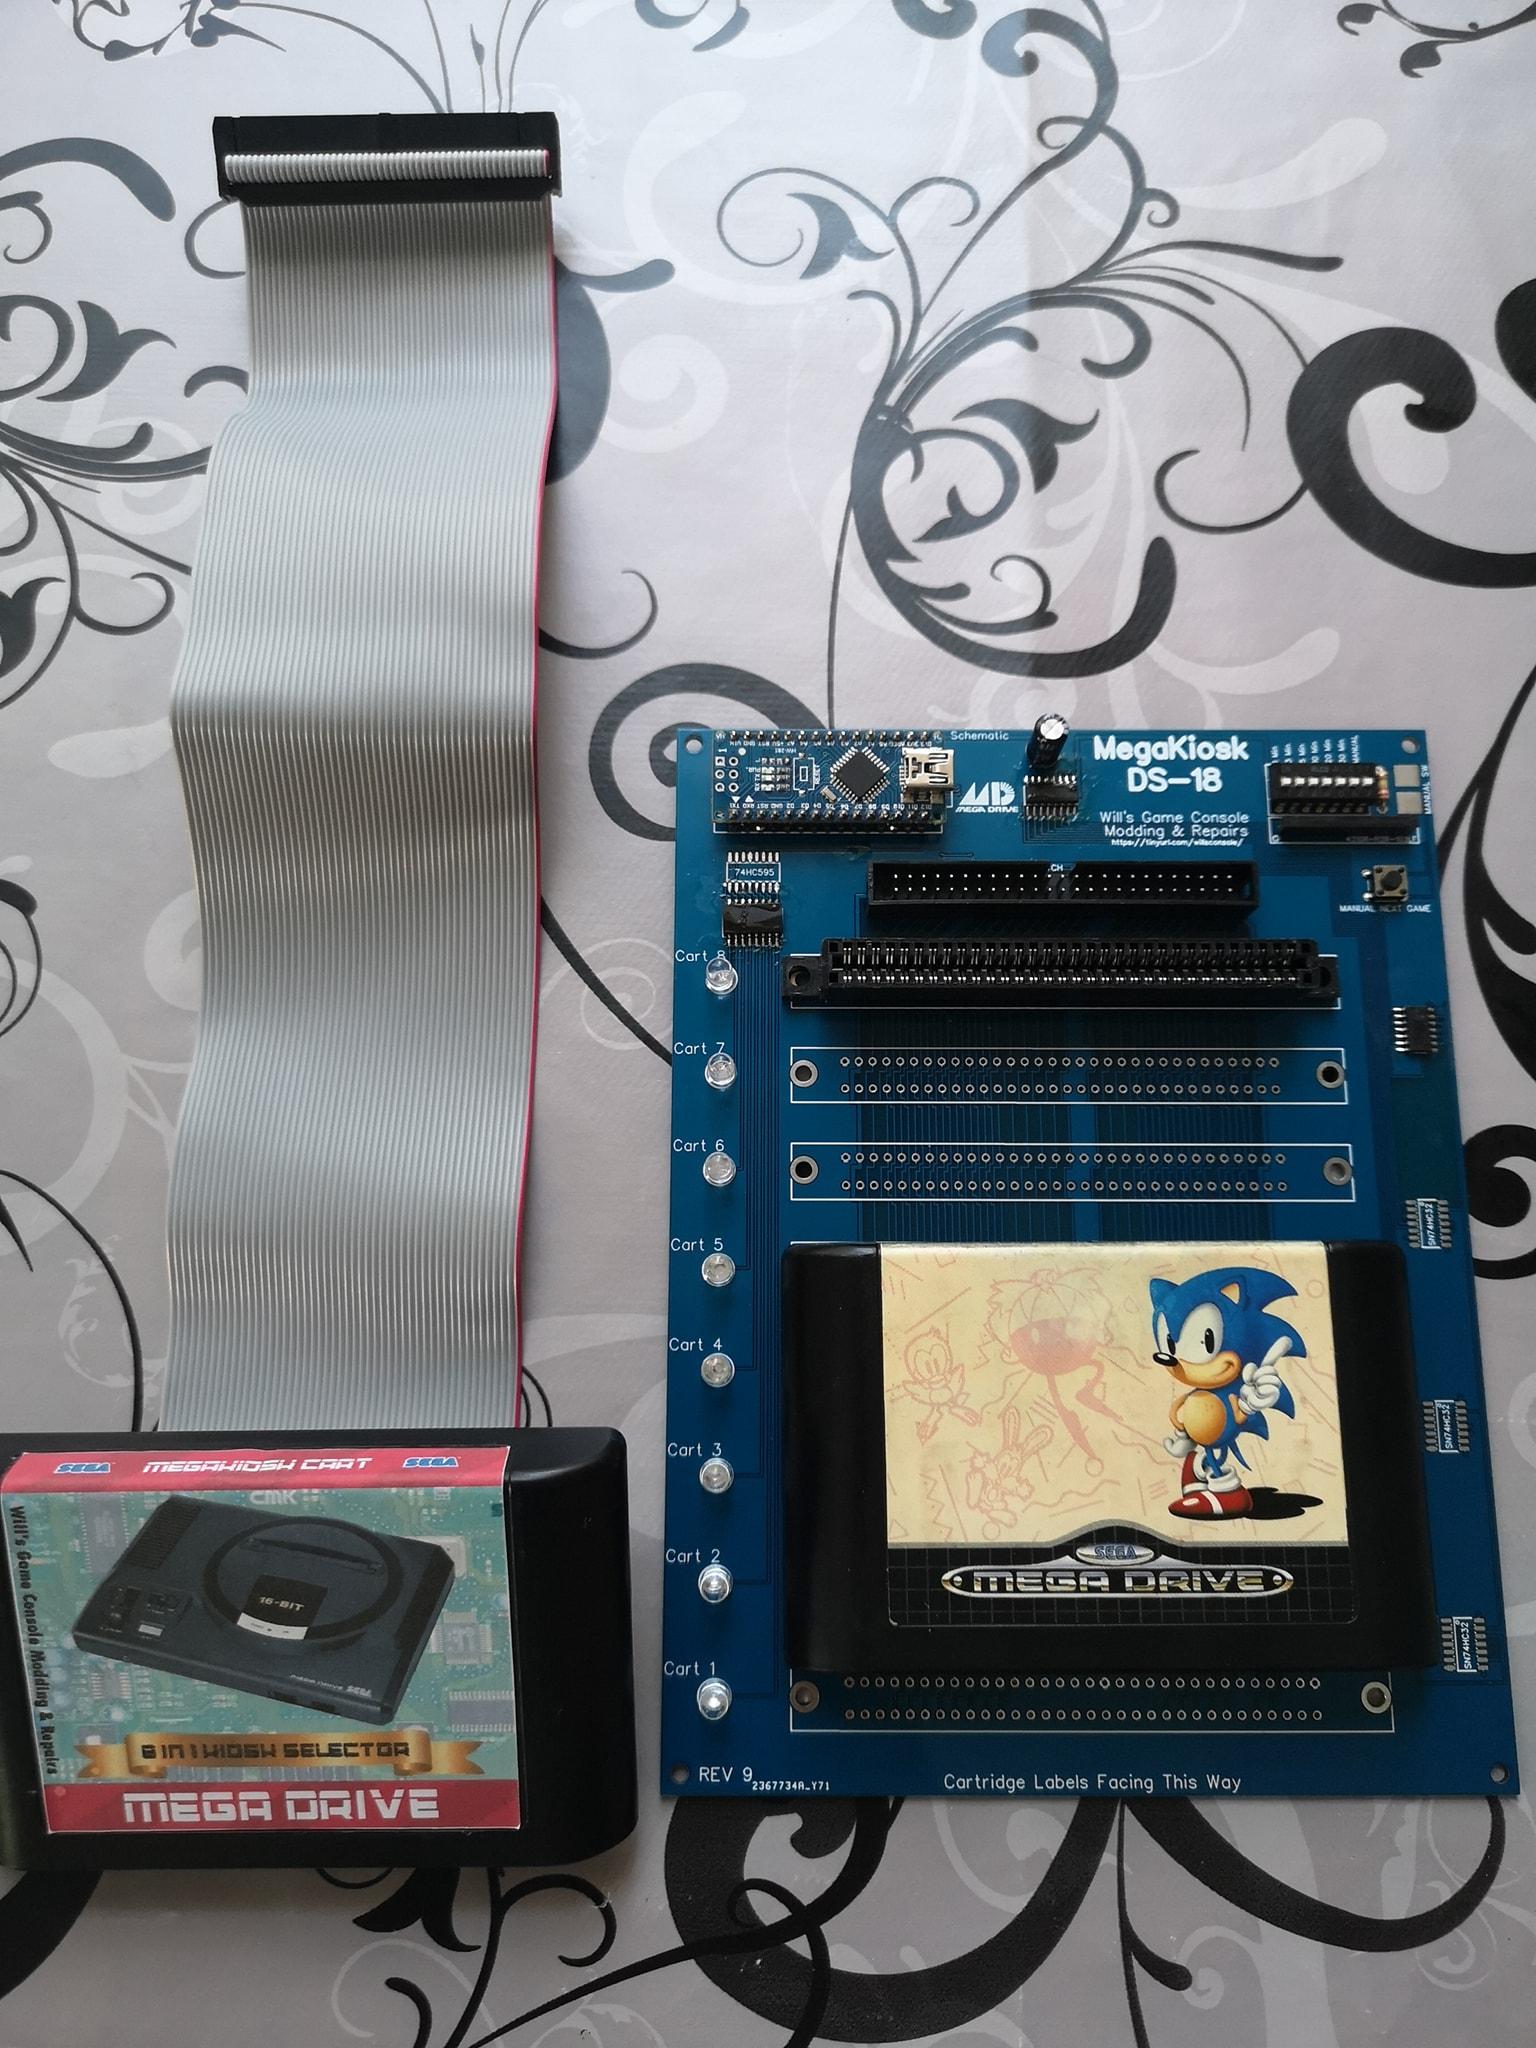 MegaKiosk DS-18 New 8-slot Unit for Genesis/Mega Drive